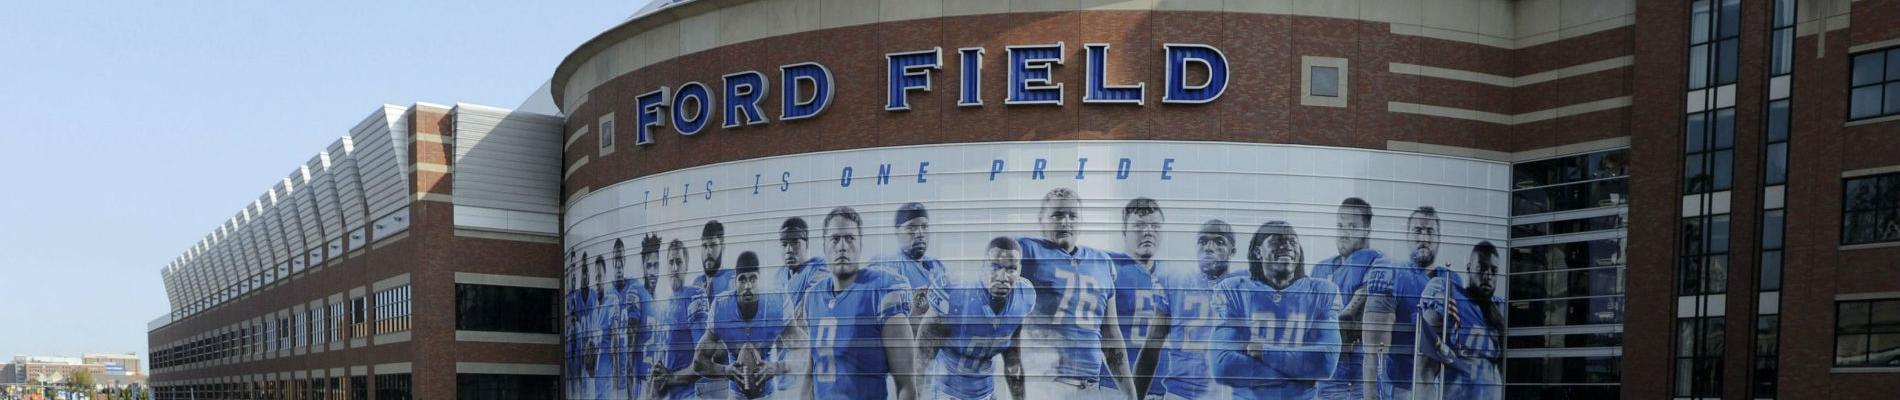 Ford Field & The Parade Company